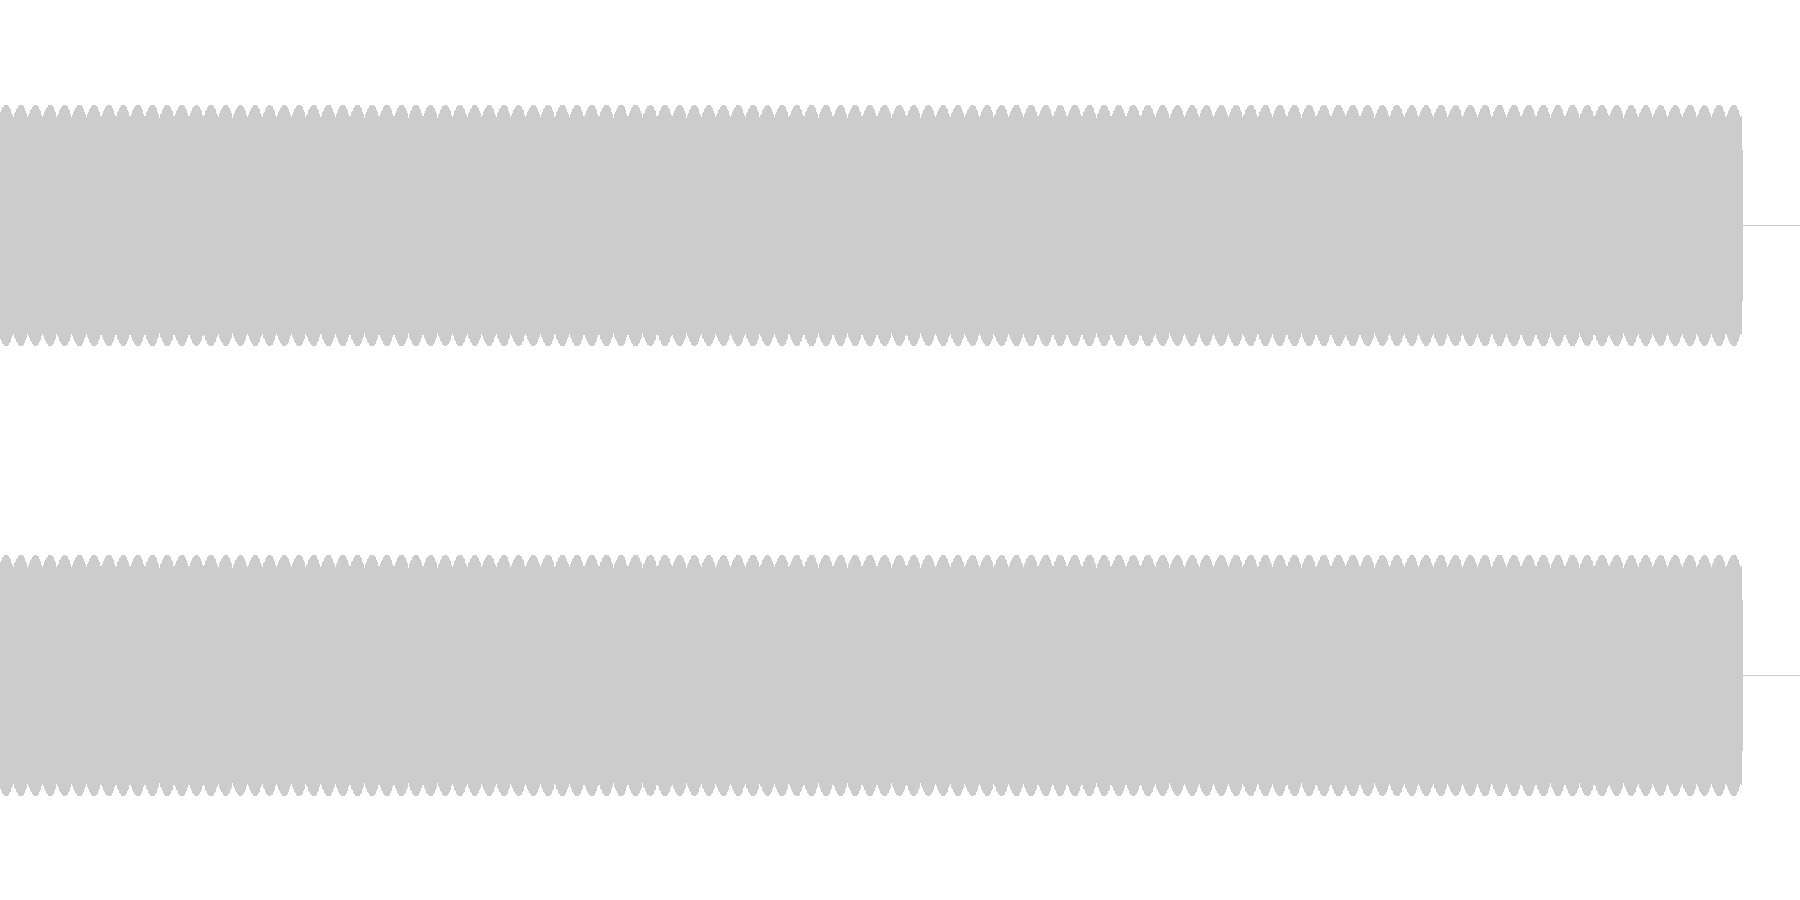 ブーーーー Beep音 エラー音の未再生の波形